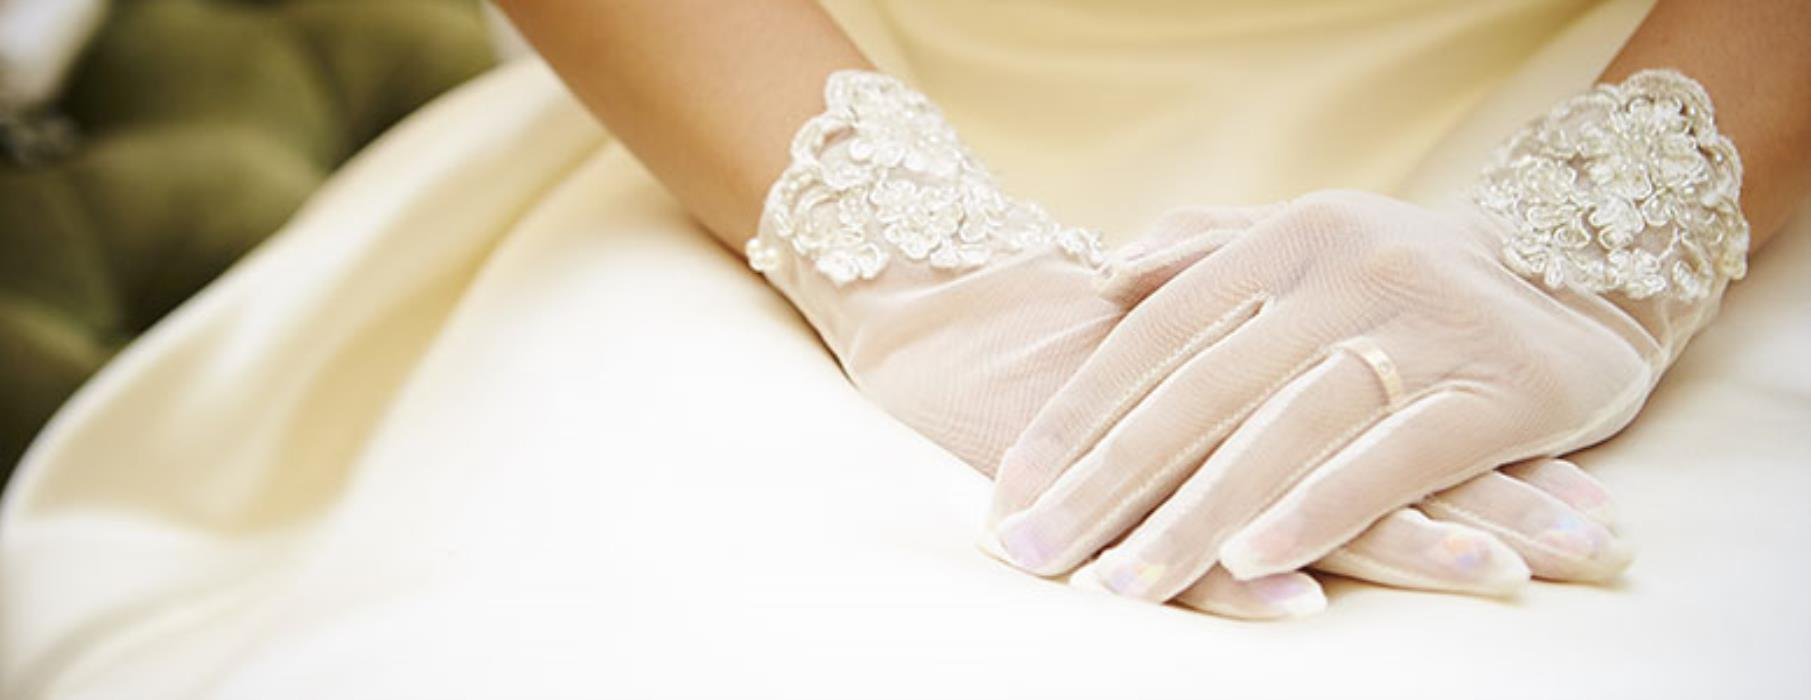 0a9c1eb6e09d Come scegliere i guanti da sposa